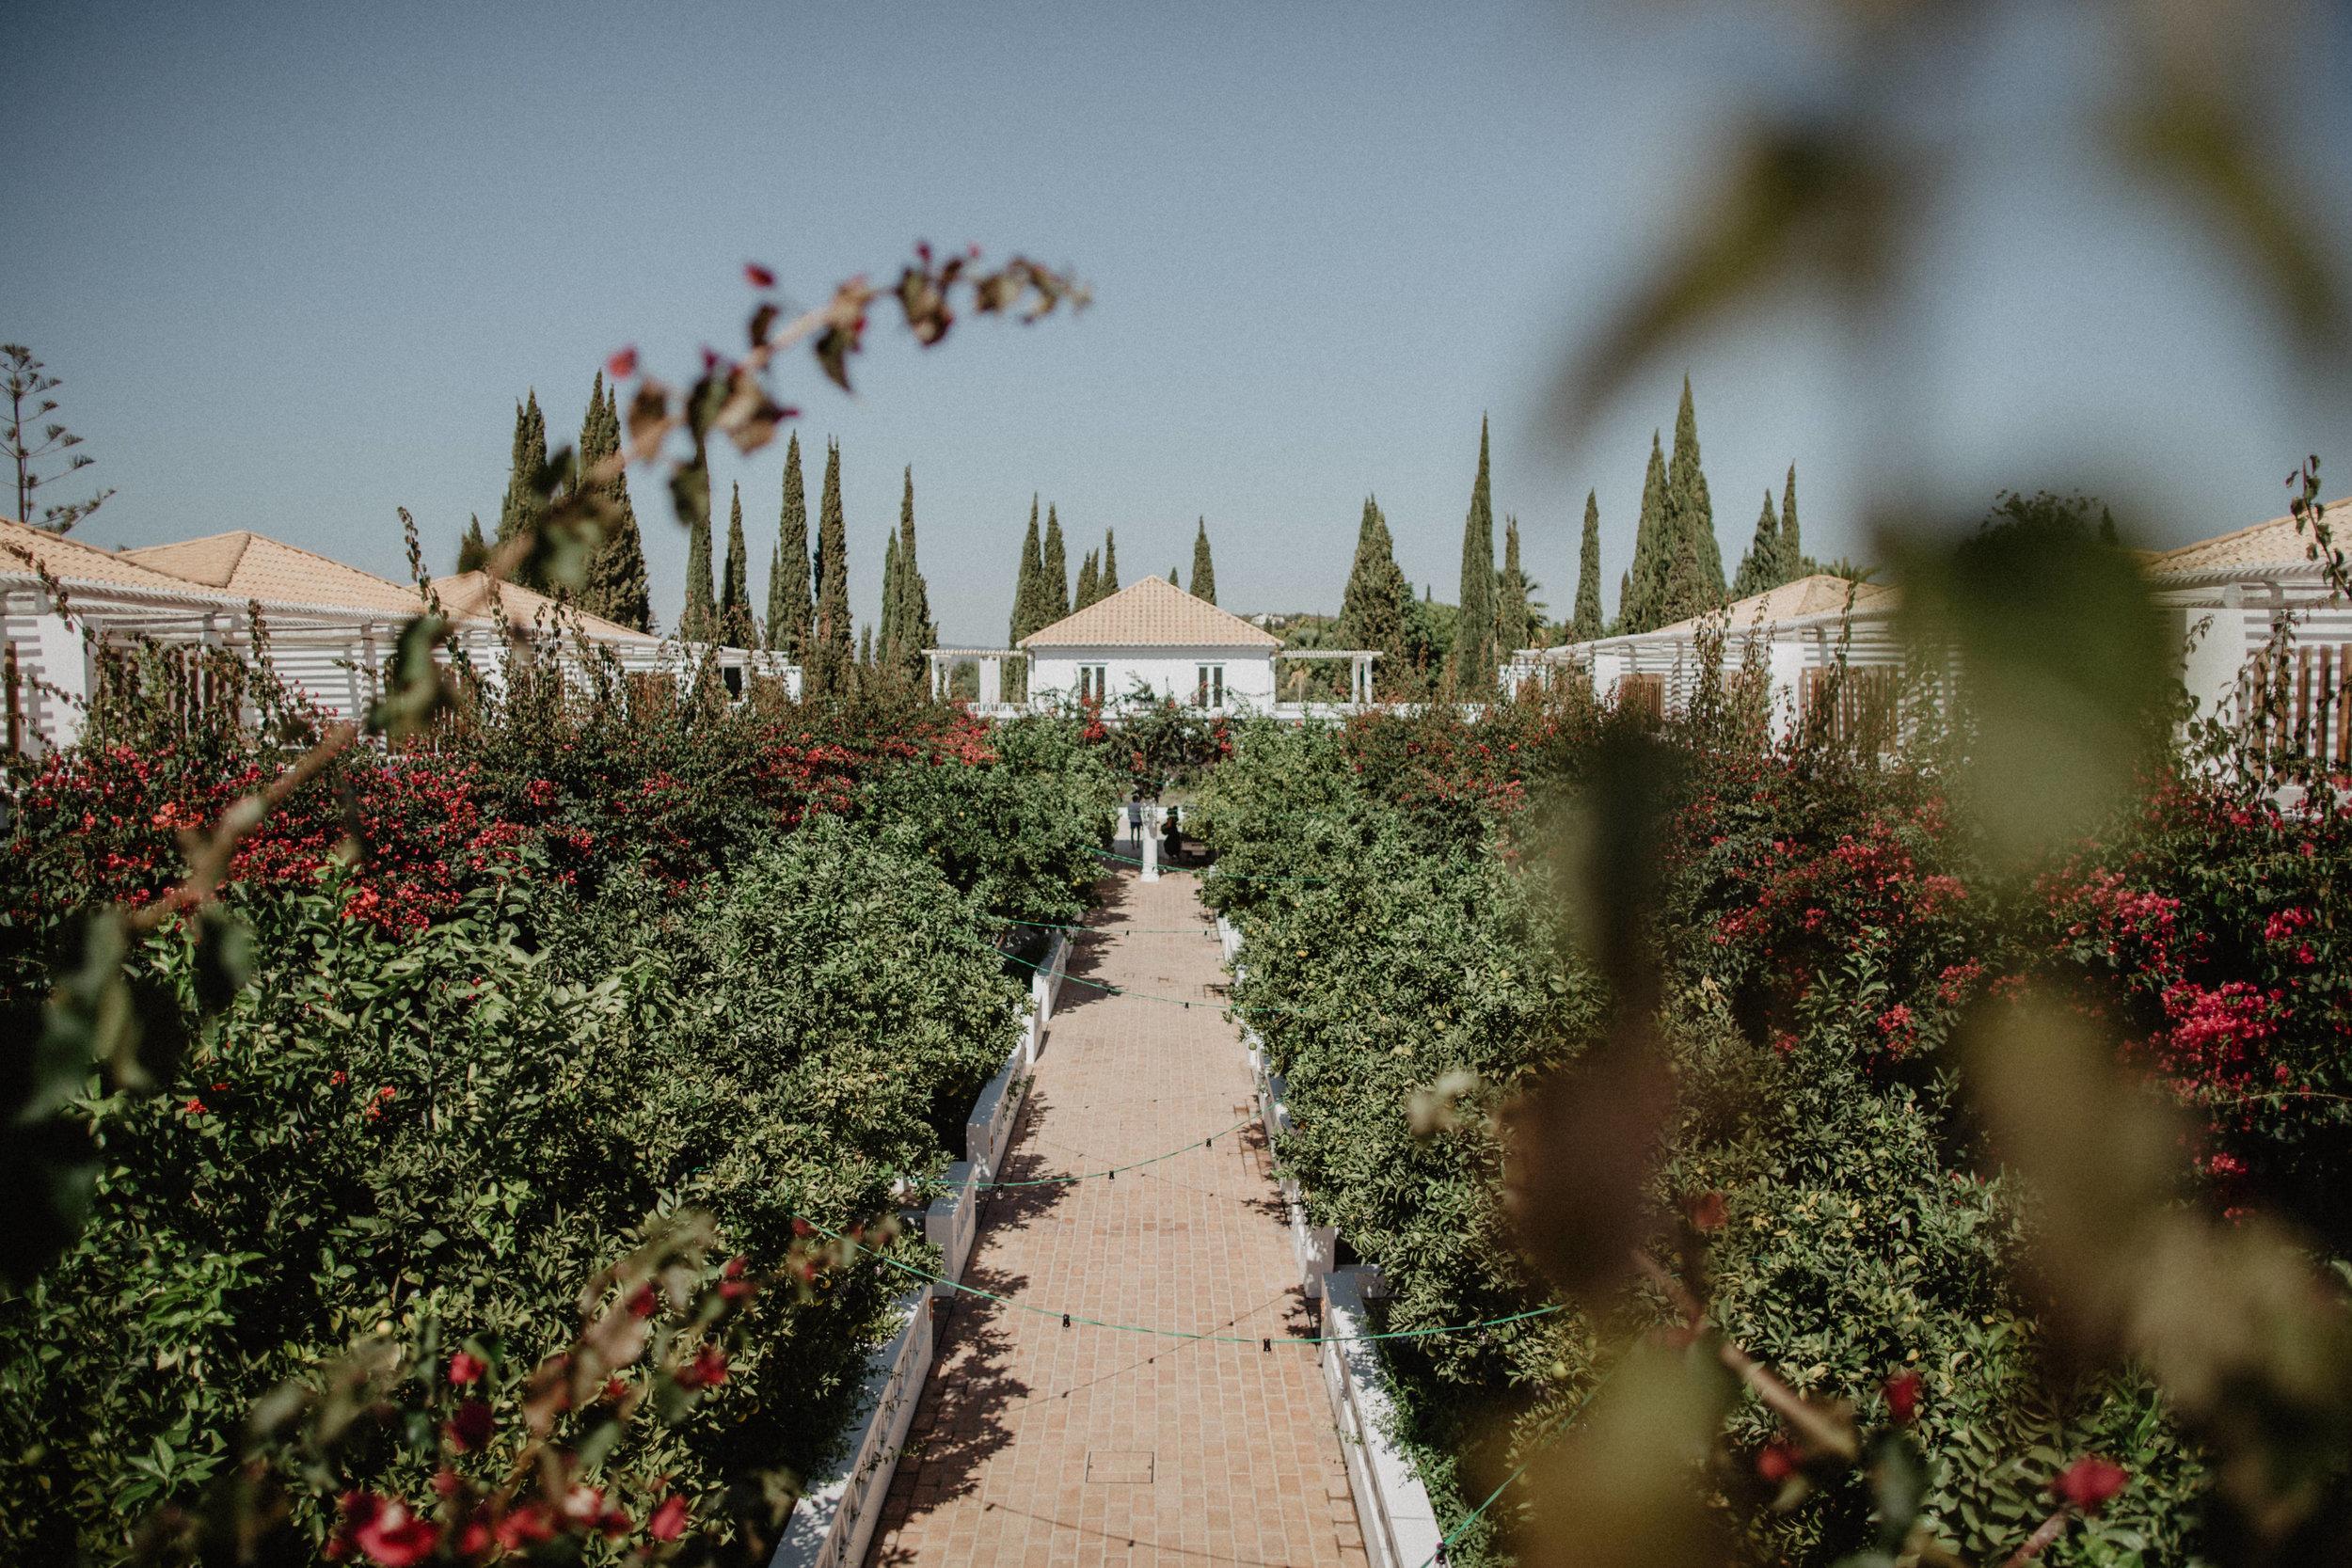 Vila Monte Algarve